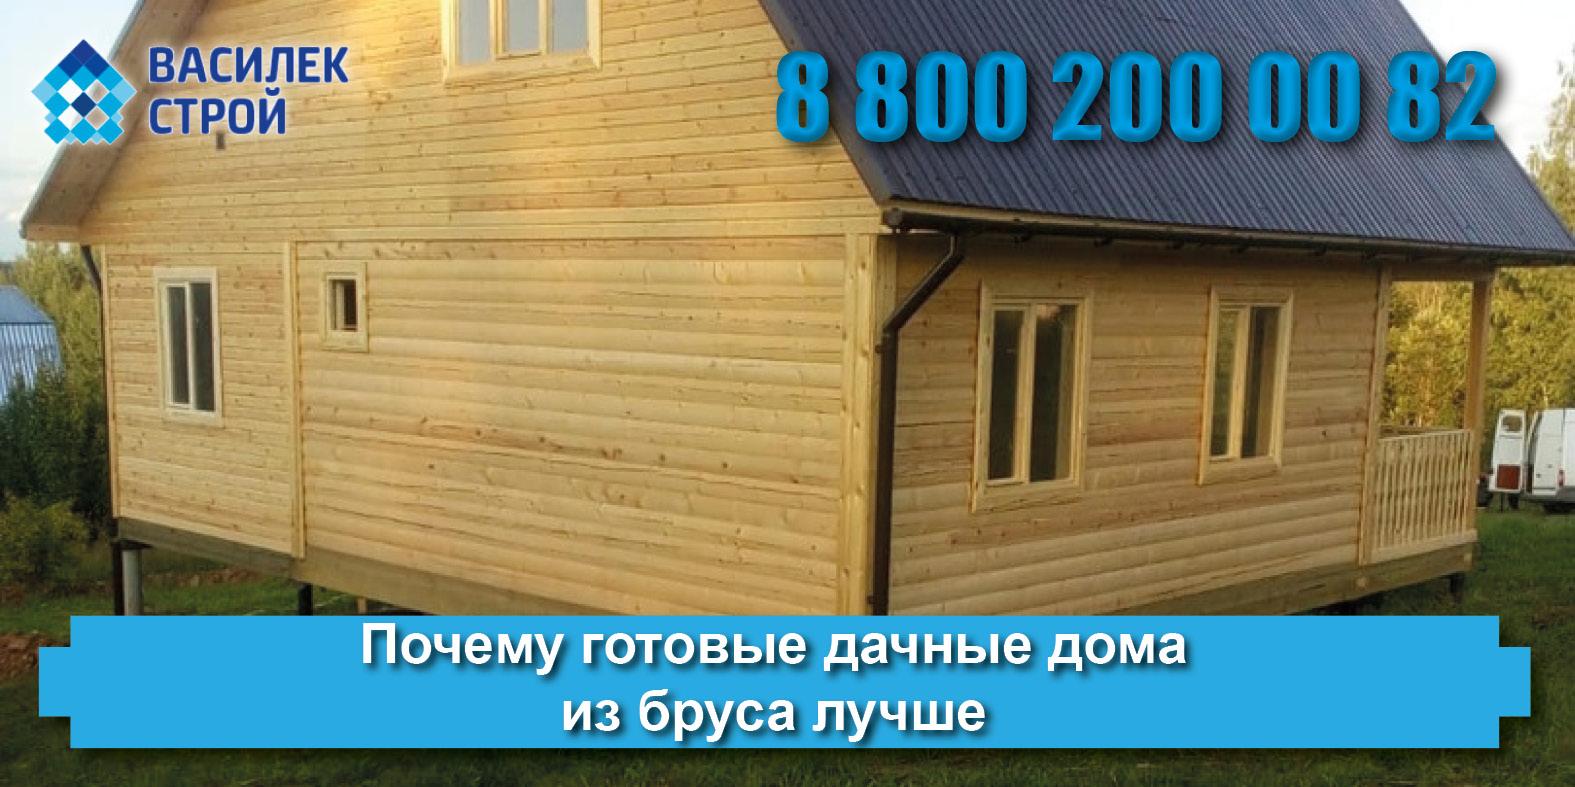 Предлагаем готовые дачные дома из бруса и проекты дачных домов с верандой под ключ: дачный дом из бруса 6х6 или проект дачного дома 6х8